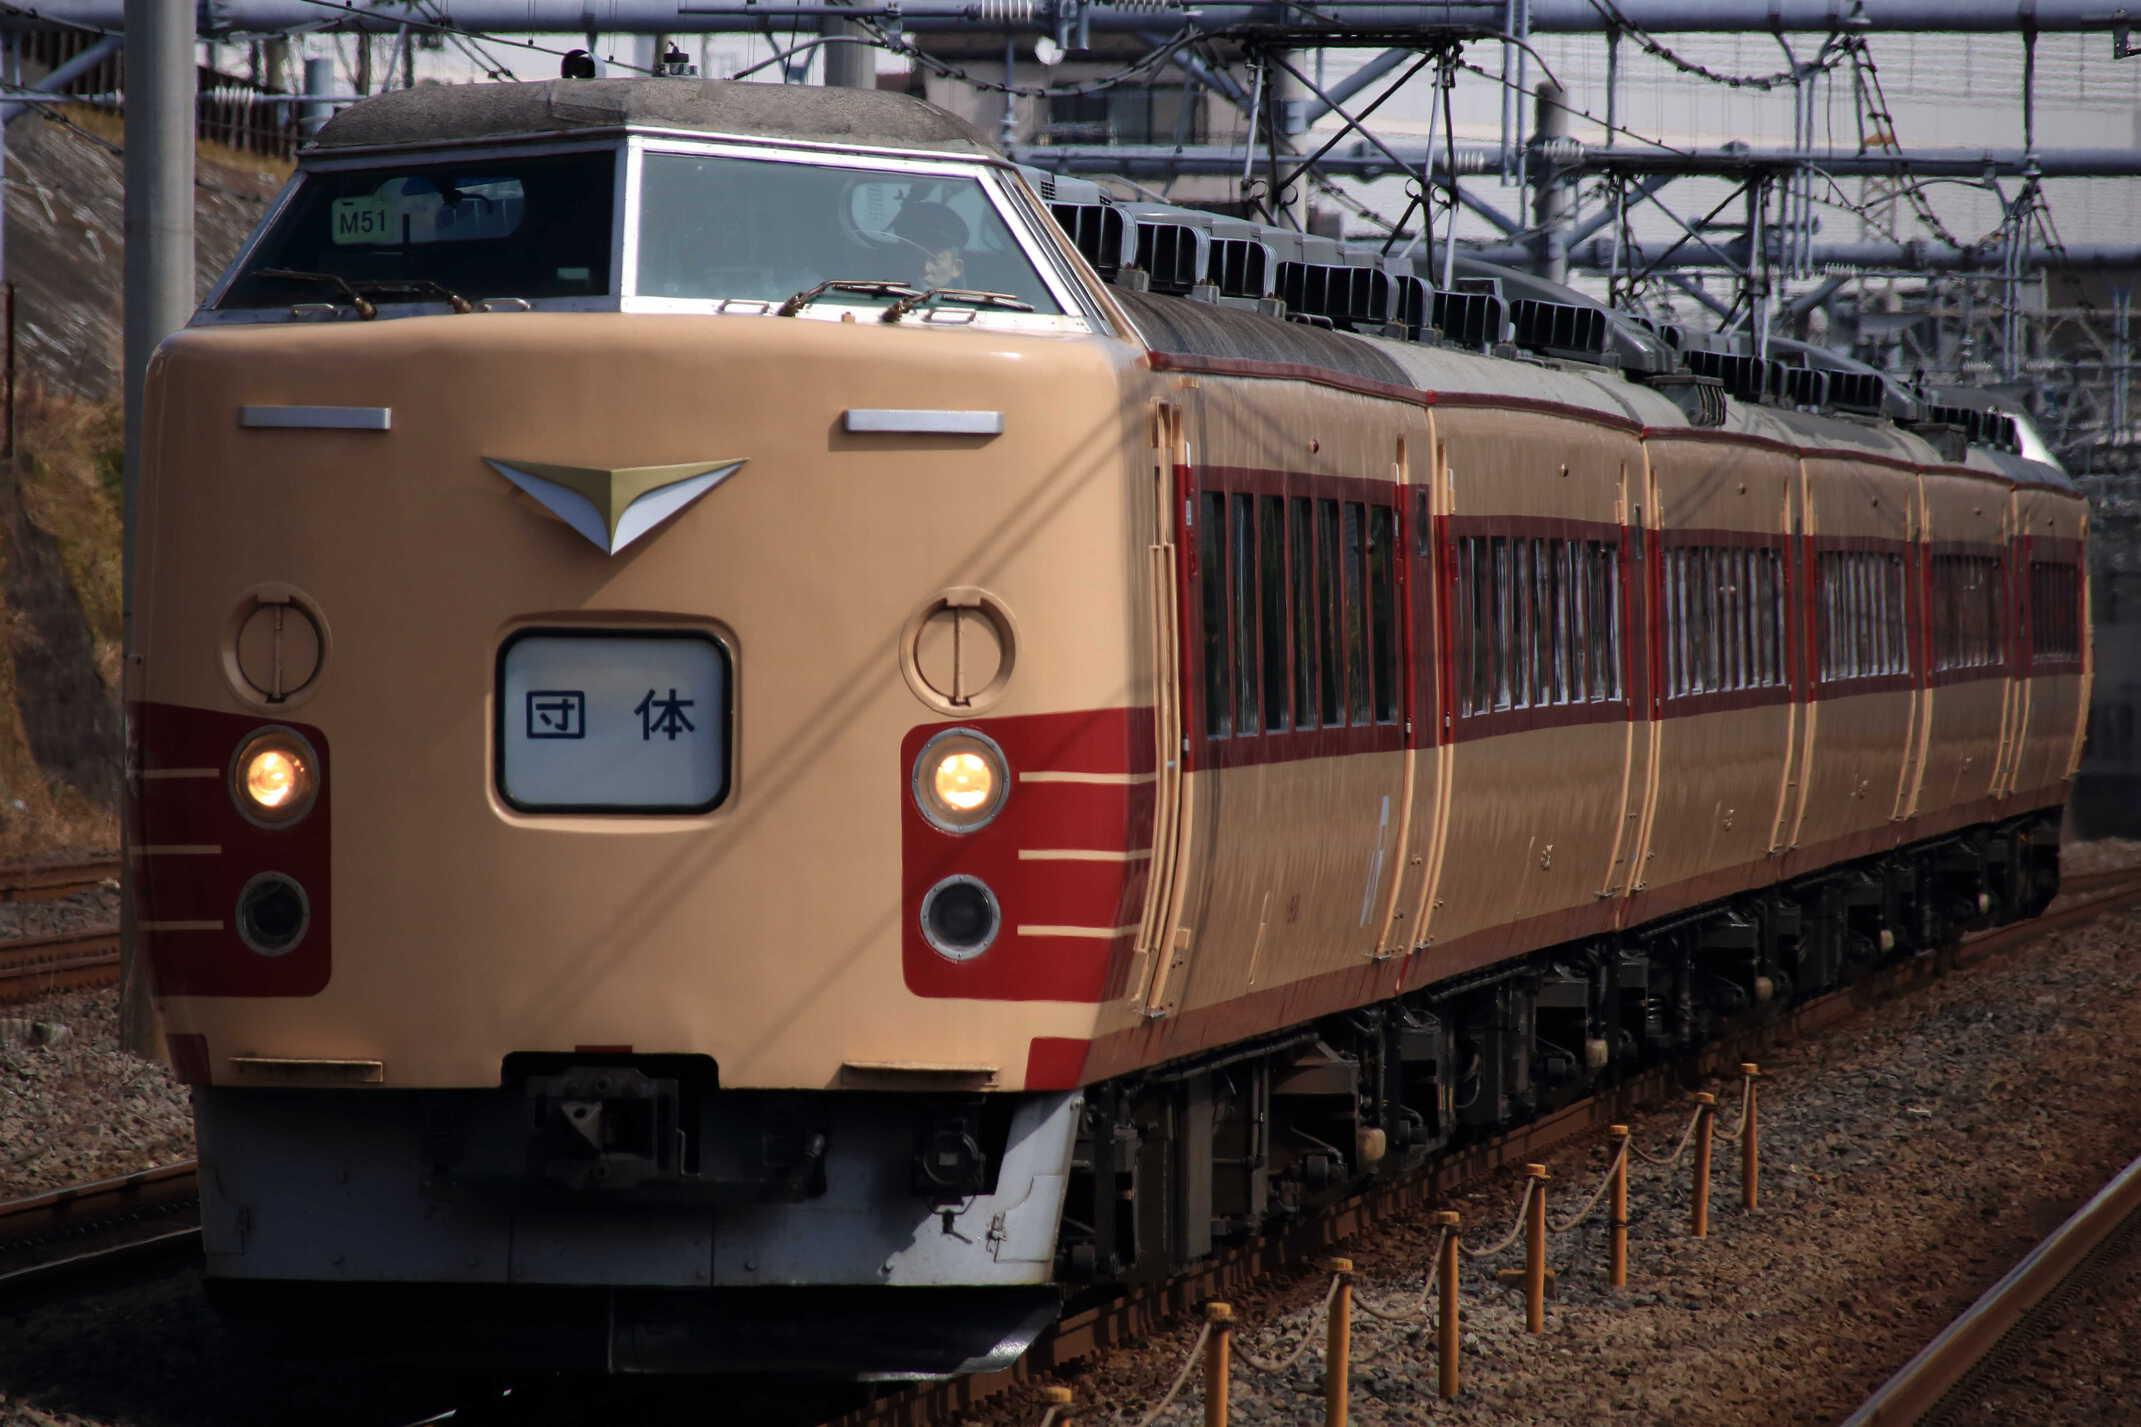 9731M 団臨(東242, 拝島→鎌倉) 189系 八トタM51編成